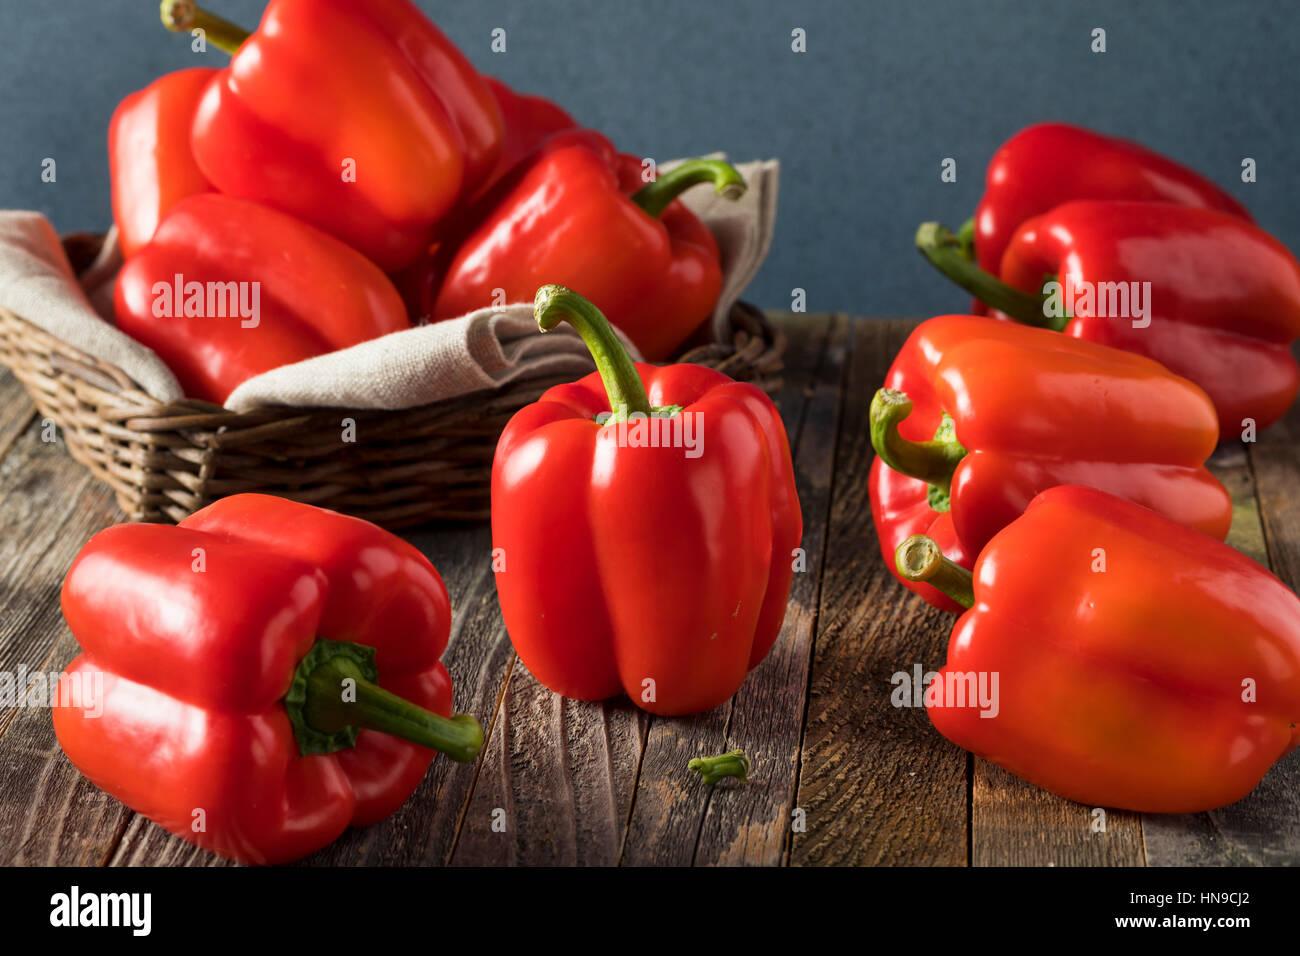 Poivrons rouges biologiques crus prêt à manger Photo Stock